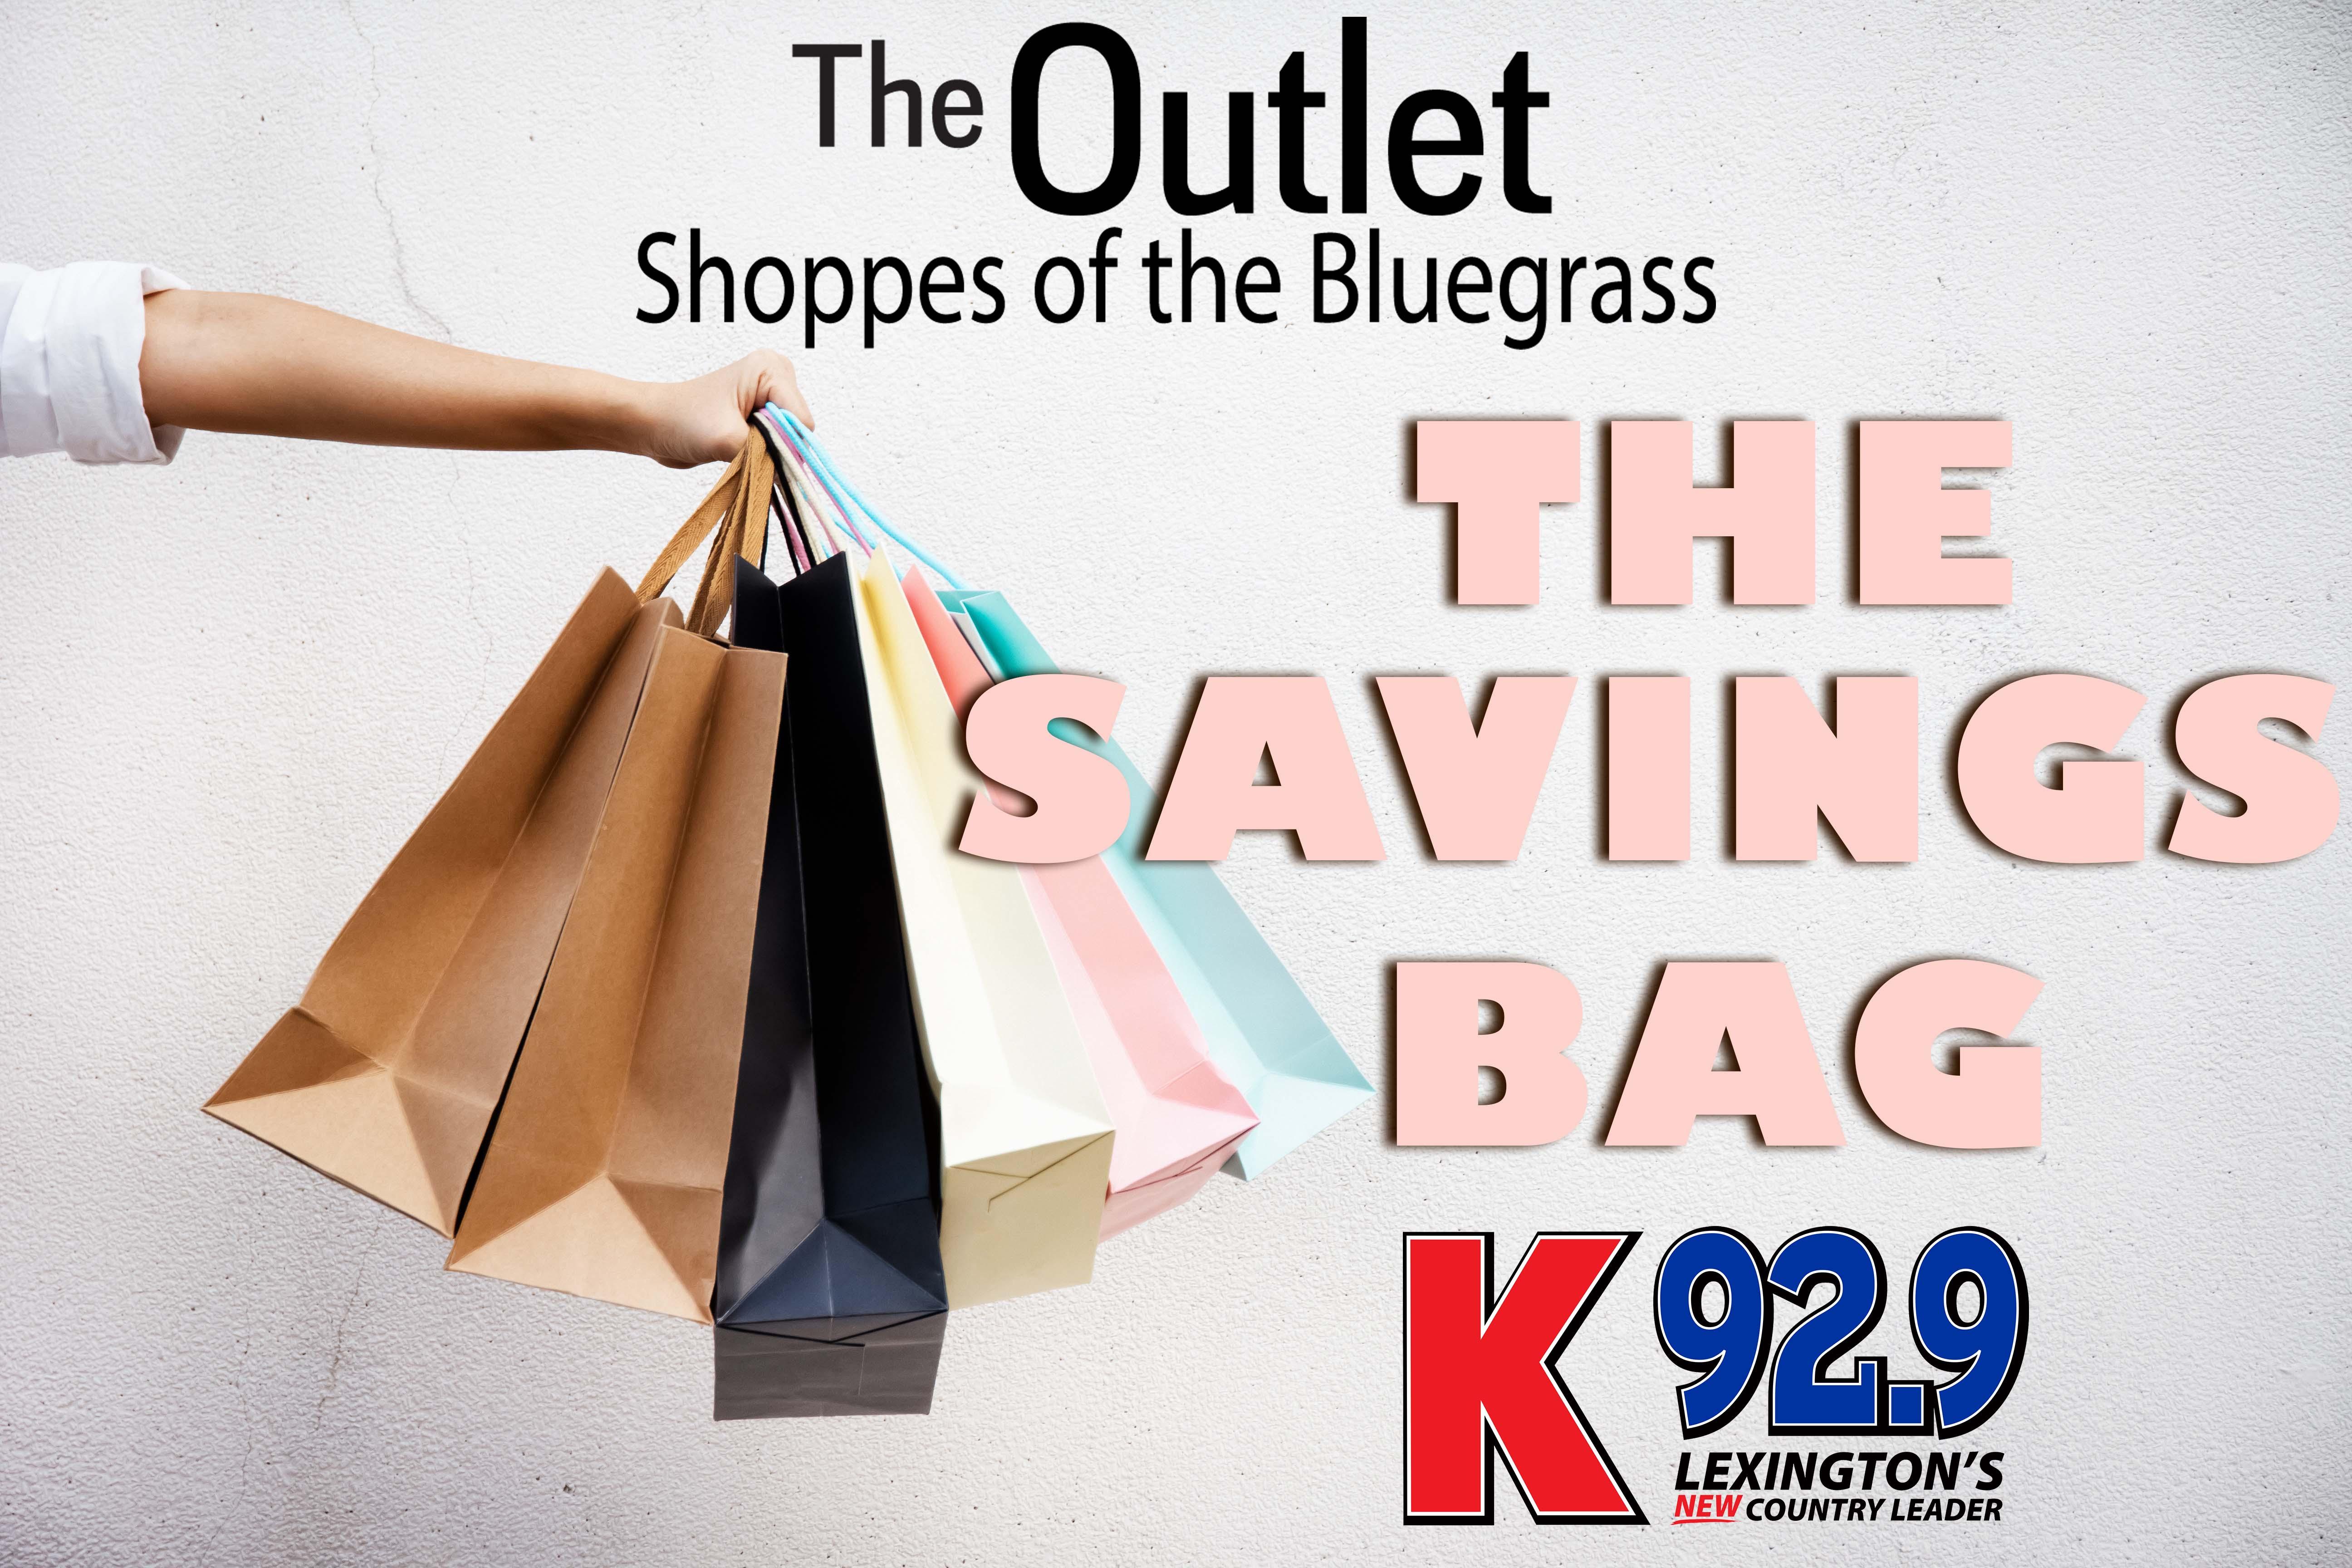 The Savings Bag